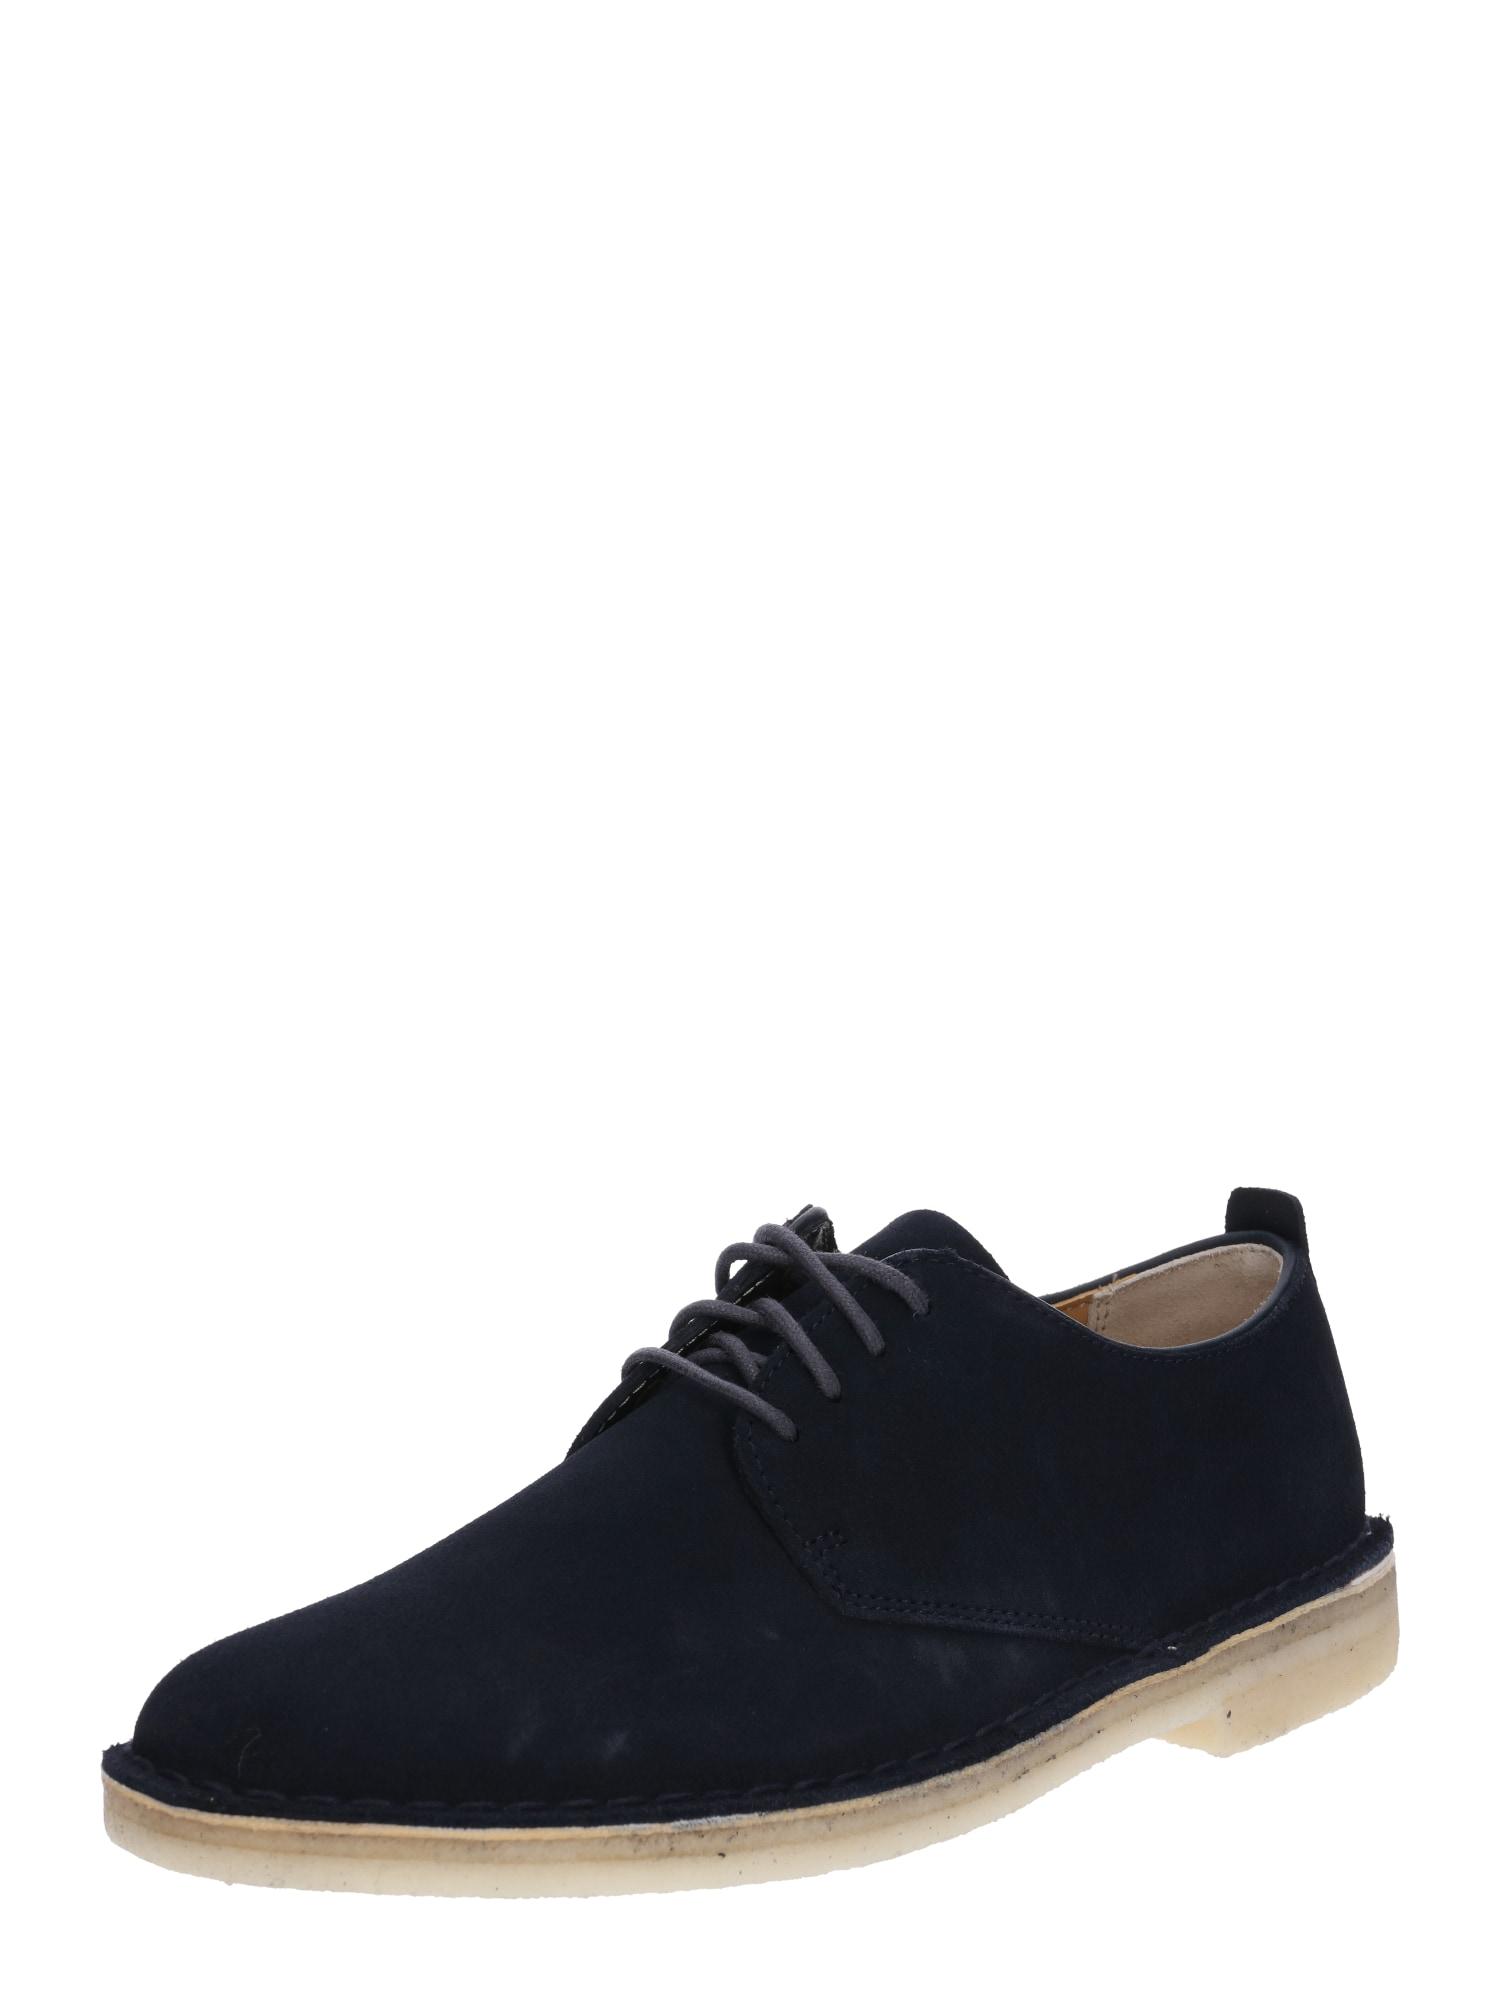 Šněrovací boty Desert London námořnická modř Clarks Originals